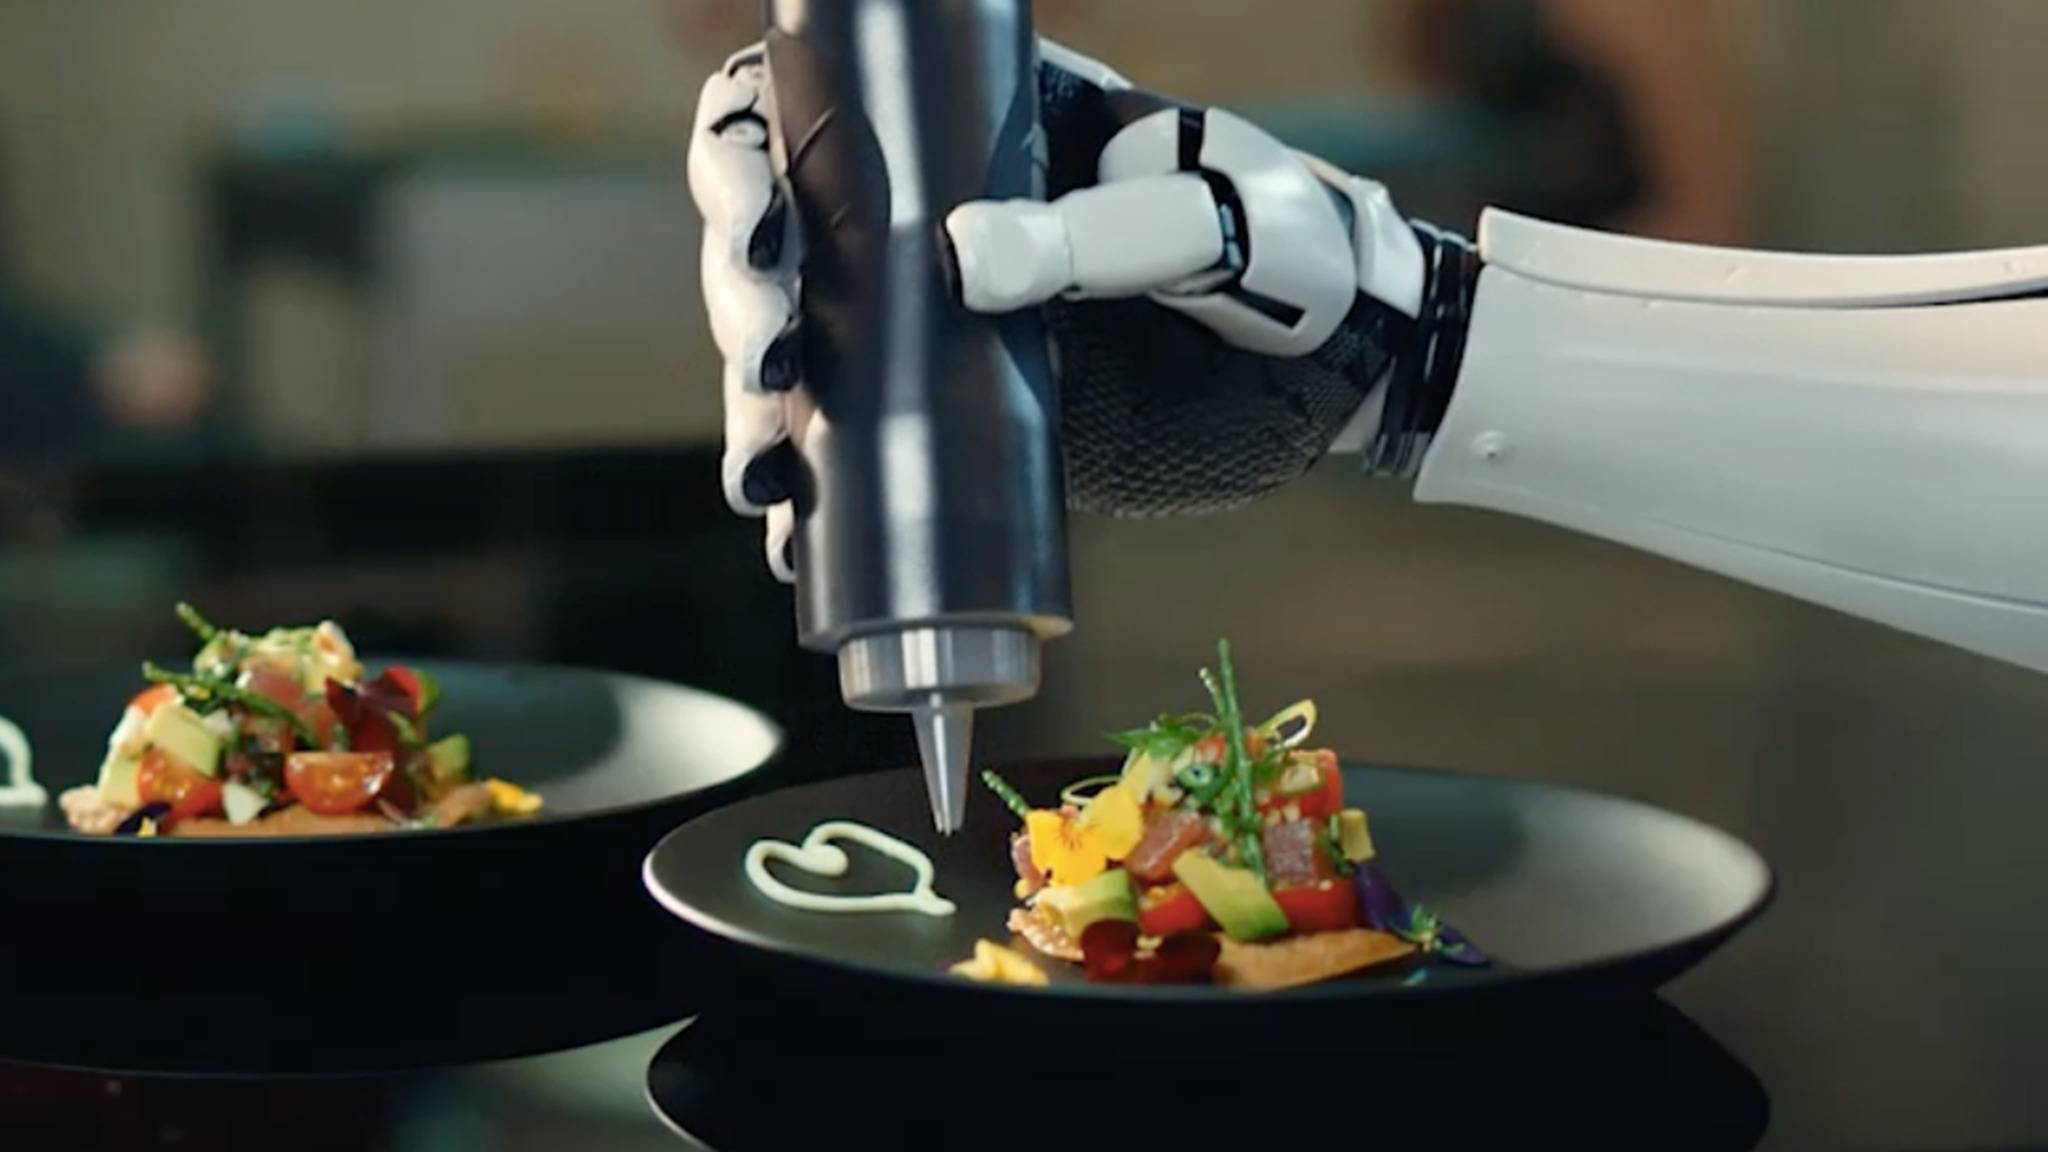 Roboter als Küchenchefs? In Zukunft könnten wir uns daran vielleicht gewöhnen...